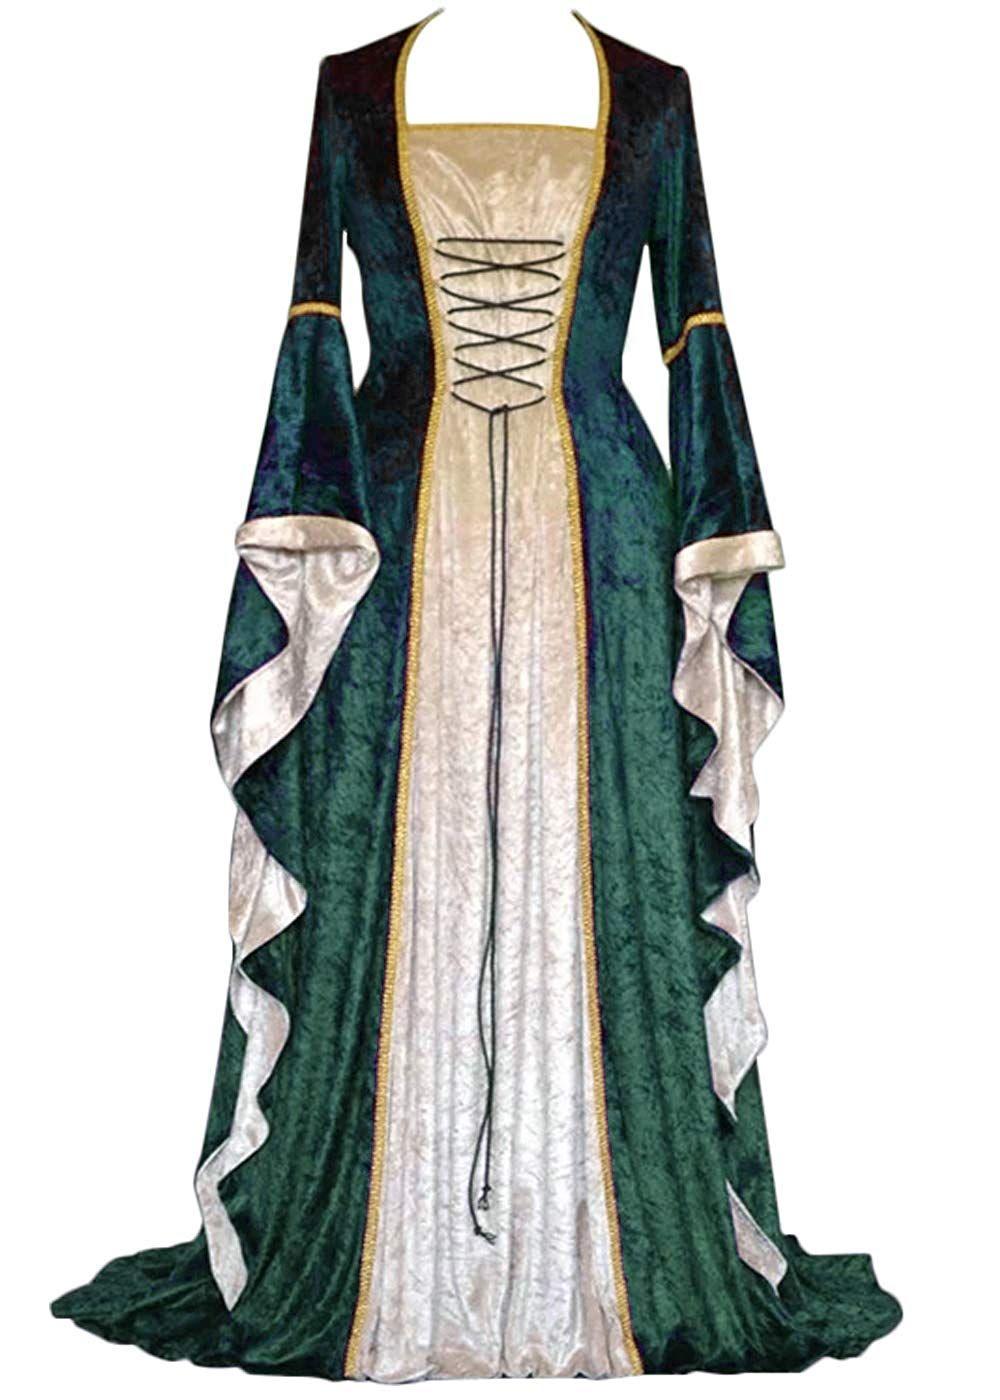 Damen Renaissance Mittelalter Kostümkleid Lace Up Irish Over Long Kleider Retro Kleid – Klein / Grün